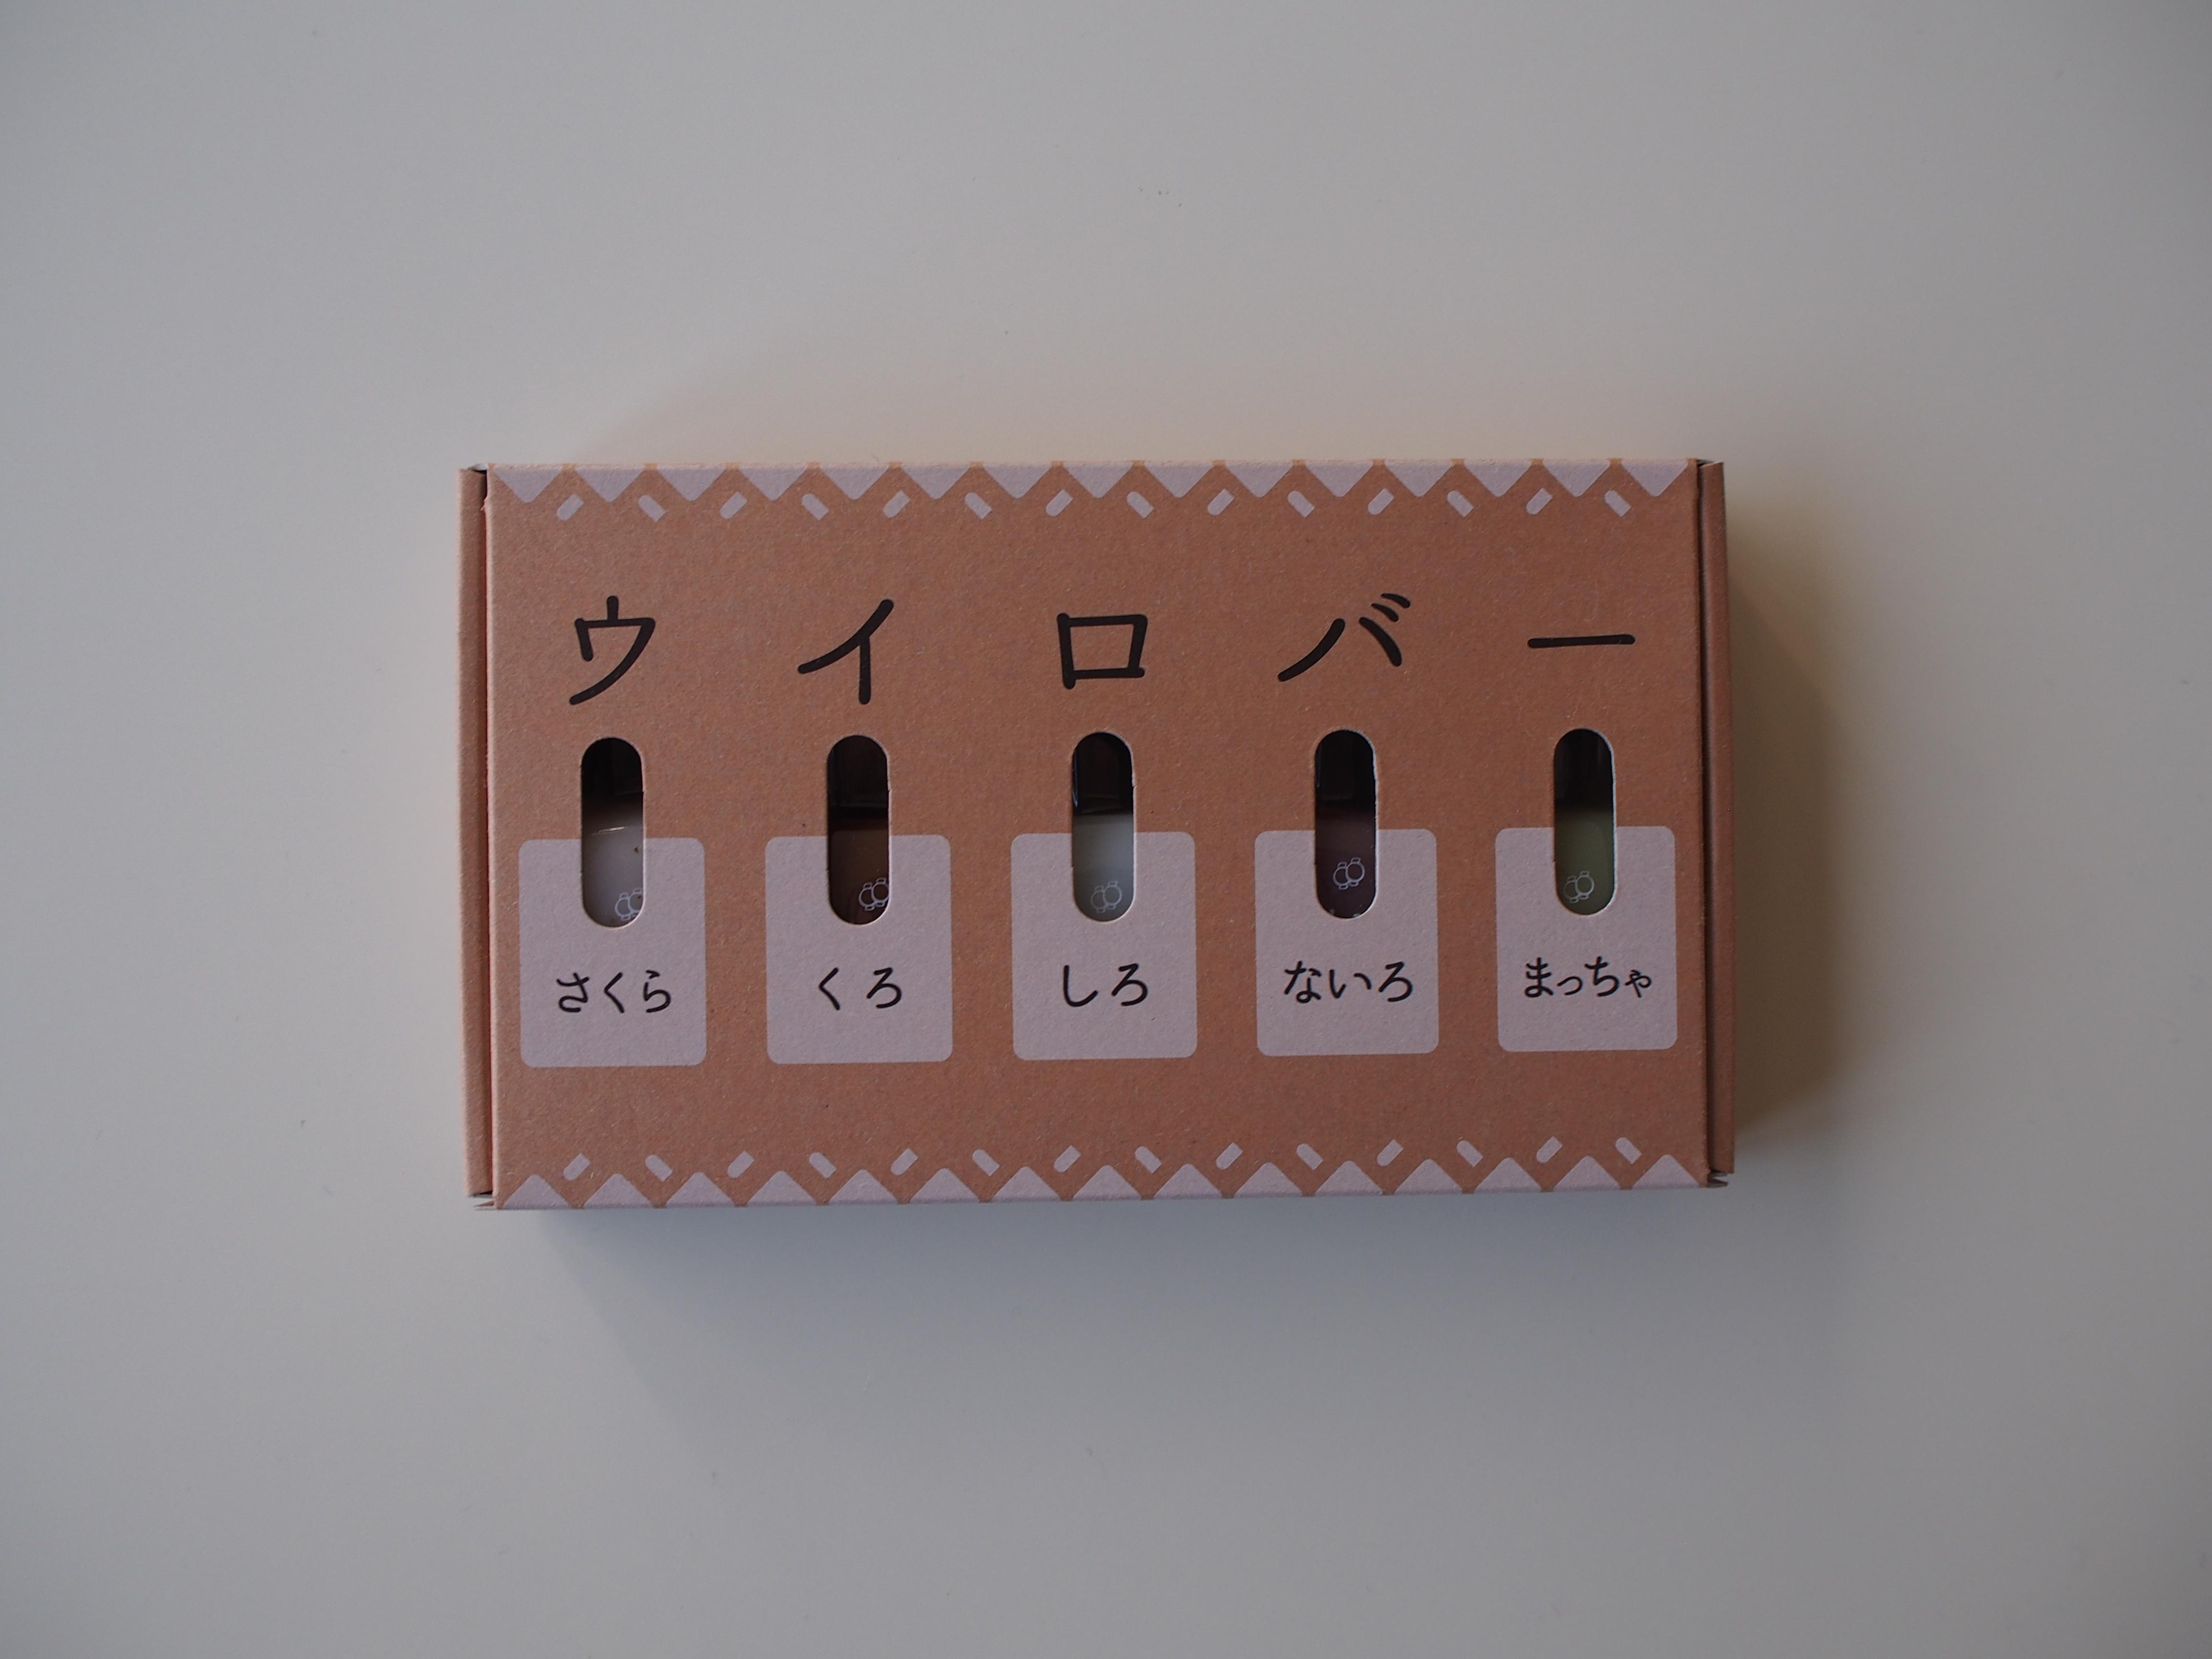 定番とは違った名古屋土産を選びたいあなたに。絶対喜んでもらえるおしゃれ土産7選 - PC220075